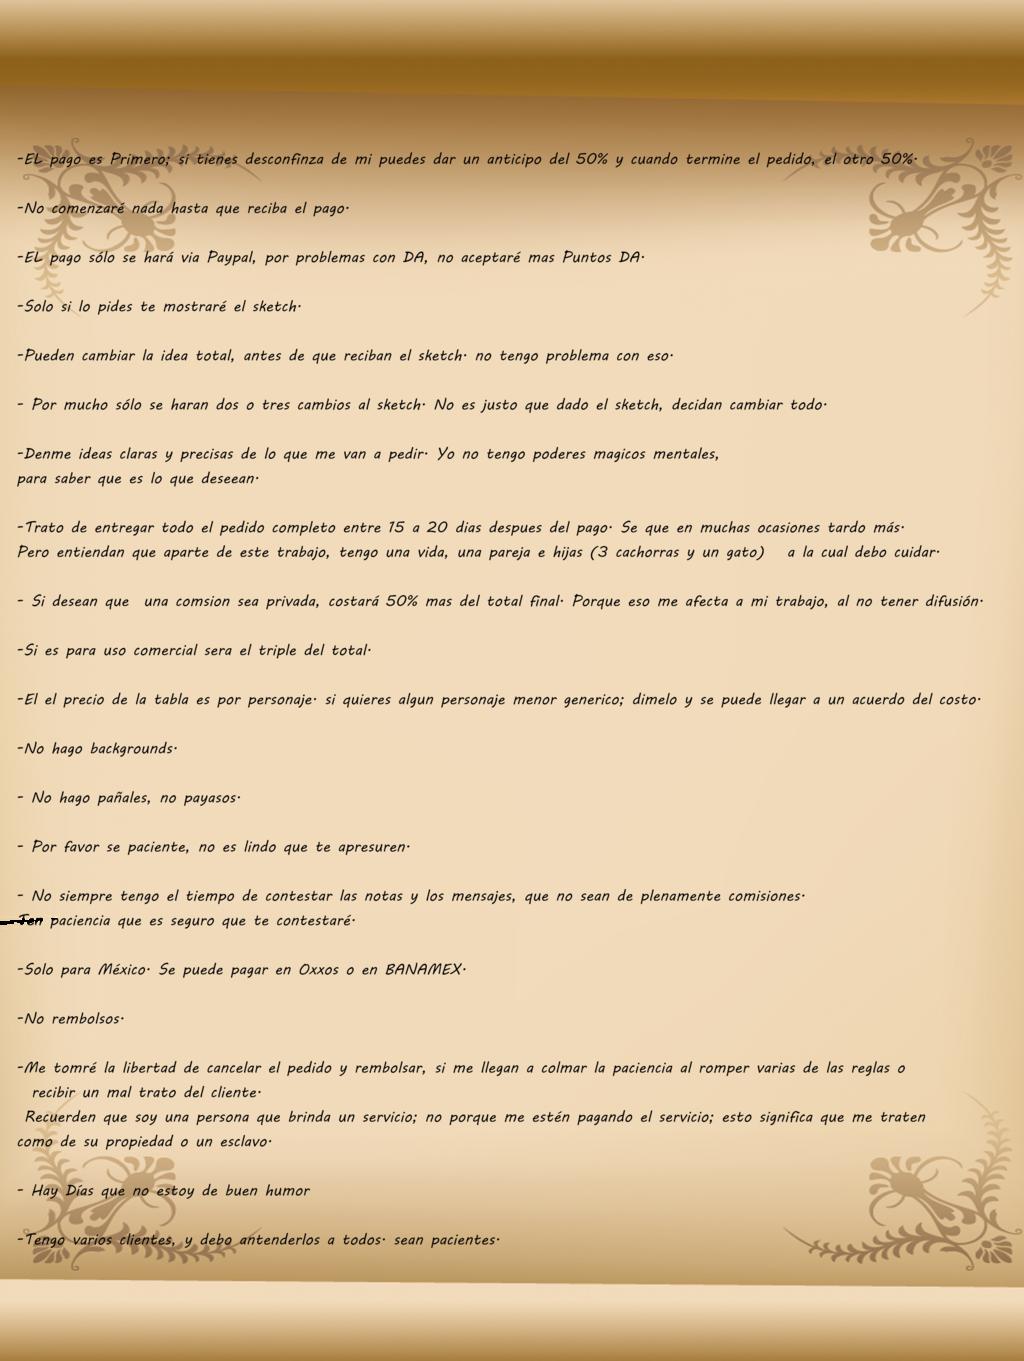 Most recent image: Las reglas